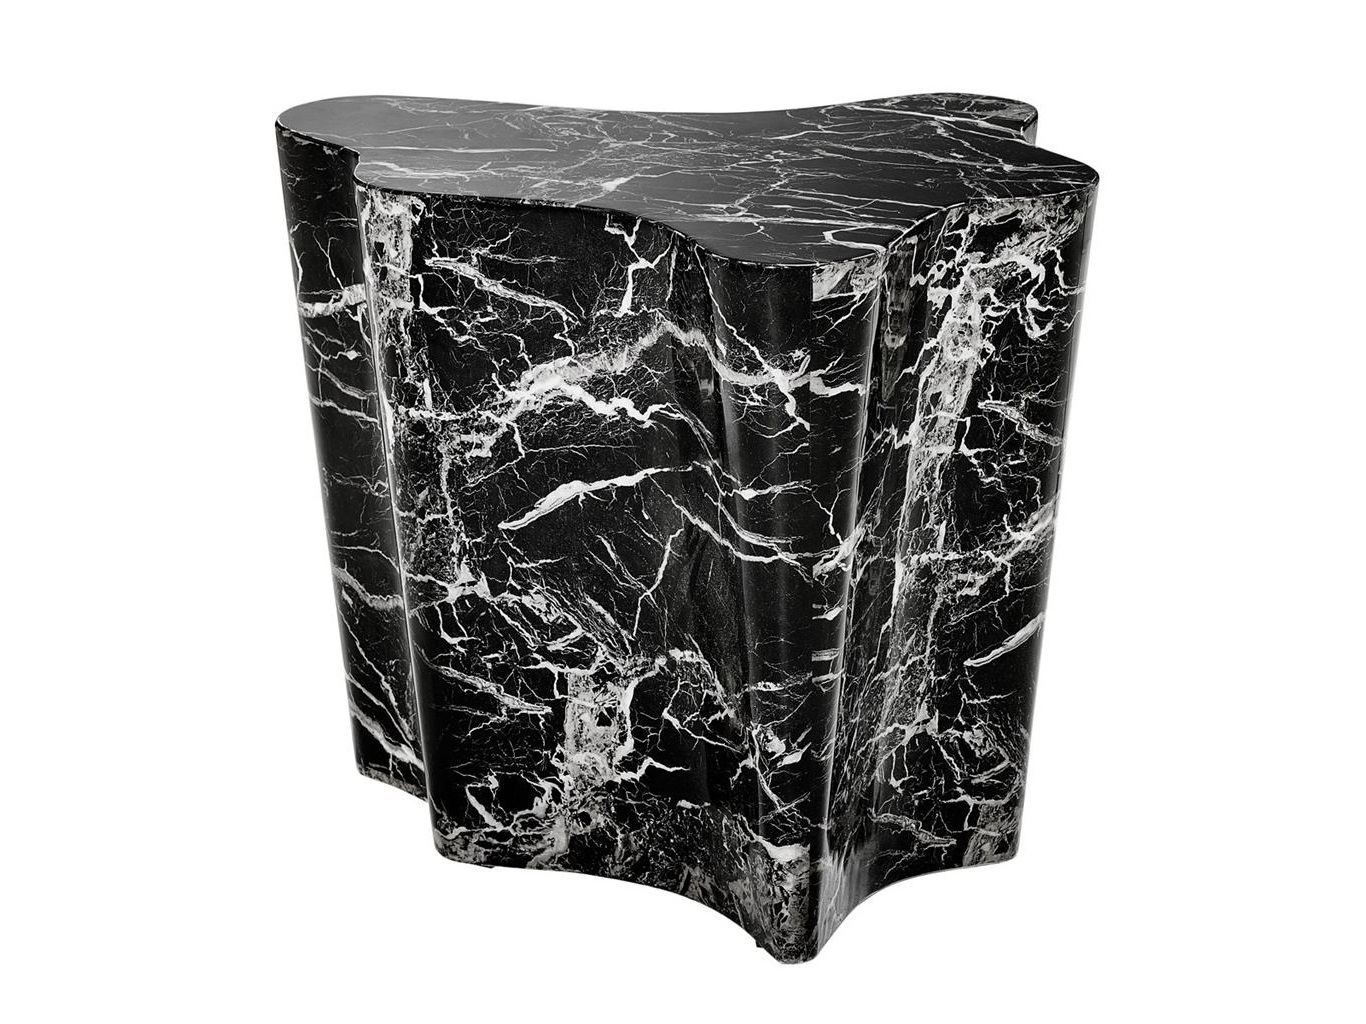 СтолПриставные столики<br>Столик Side Table Sceptre с имитацией мрамора глянцевого черного цвета.<br><br>Material: Мрамор<br>Width см: 68<br>Depth см: 62<br>Height см: 56